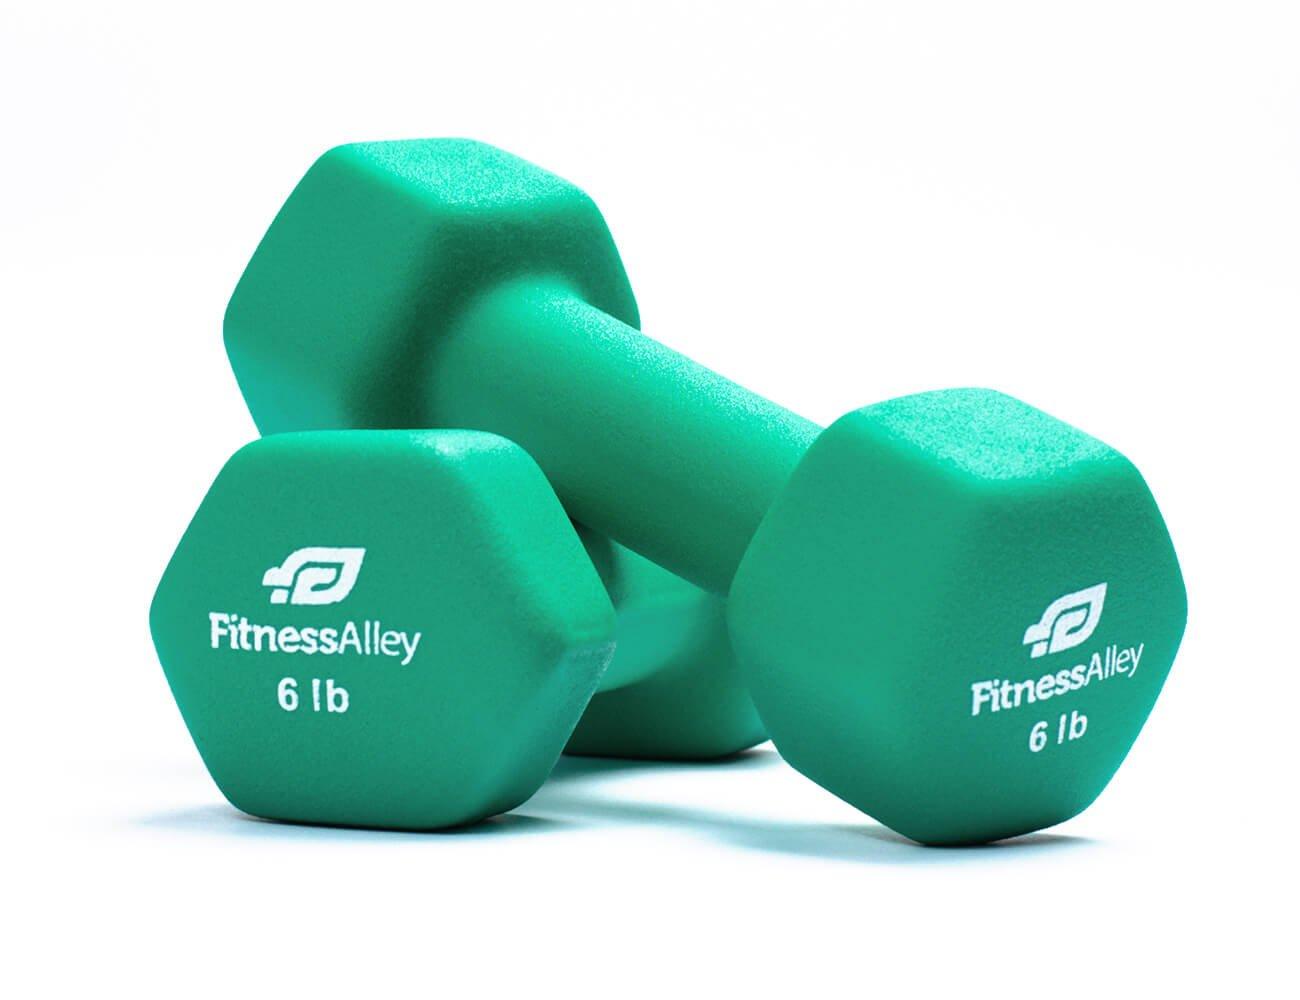 Fitness Alleyネオプレンコーティングダンベルセット( Hex Hand Weights ) B07B3VT2L6  (Neoprene) 6 lb - Green